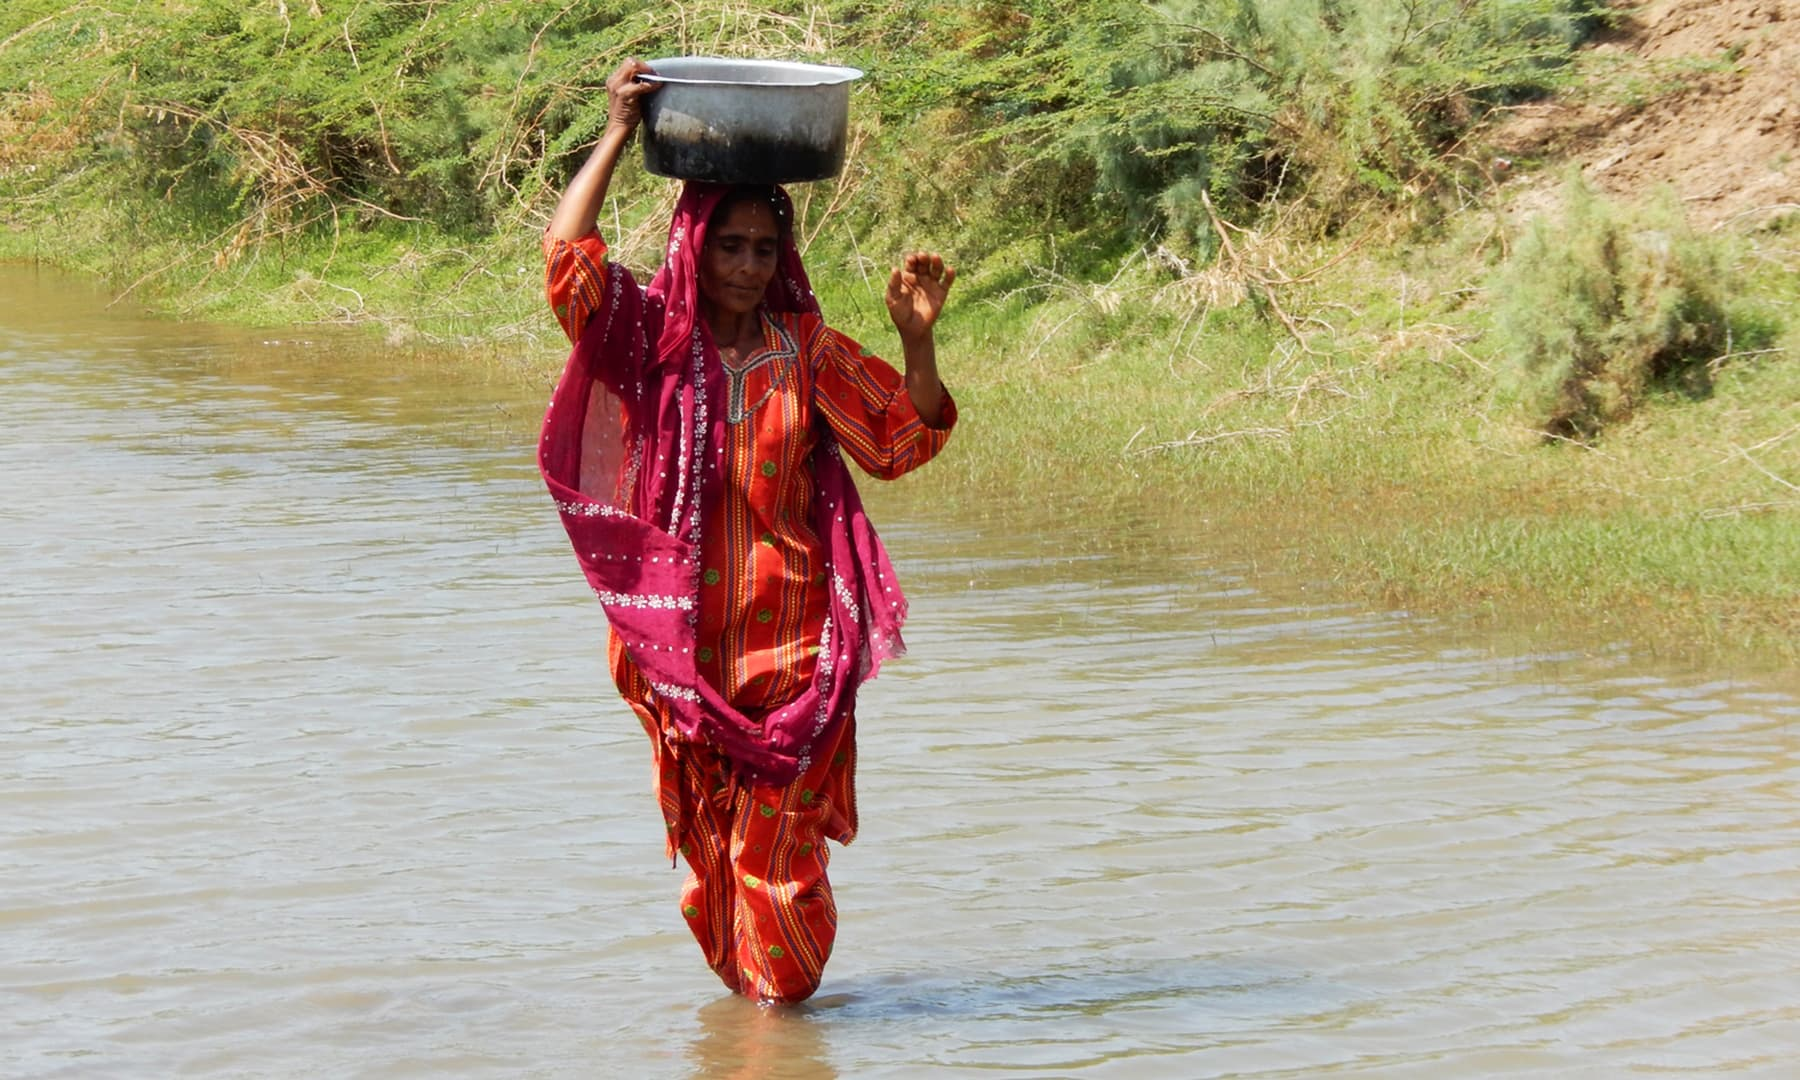 پانی کی کمی سے سب سے متاثر بہاؤ کے اختتام پر مقیم لوگ ہوتے ہیں۔ — فوٹو ابوبکر شیخ